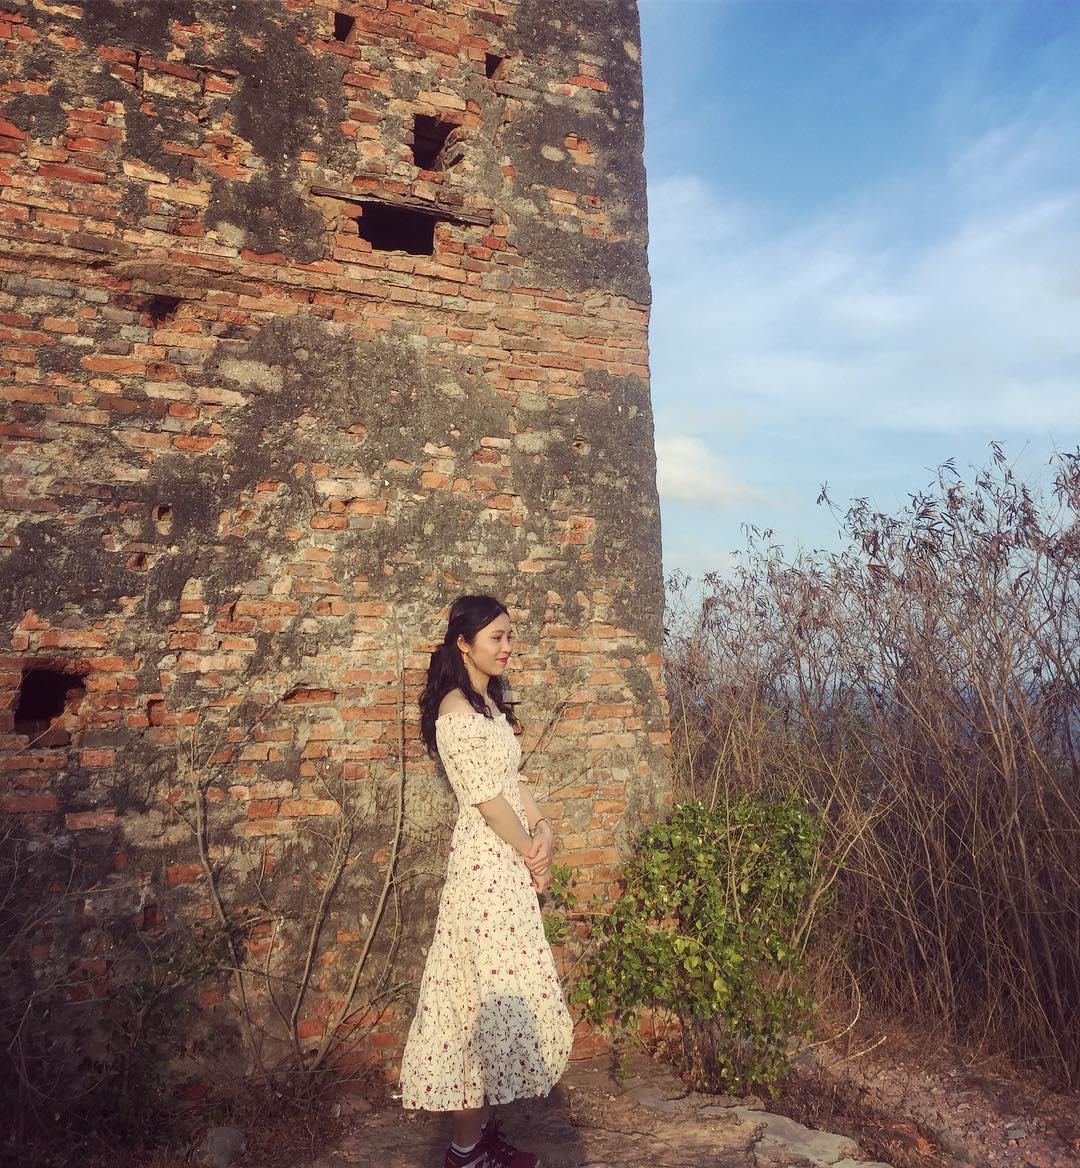 Lầu Ông Hoàng Phan Thiết - nơi chắp bút cho những câu thơ tình lãng mạn